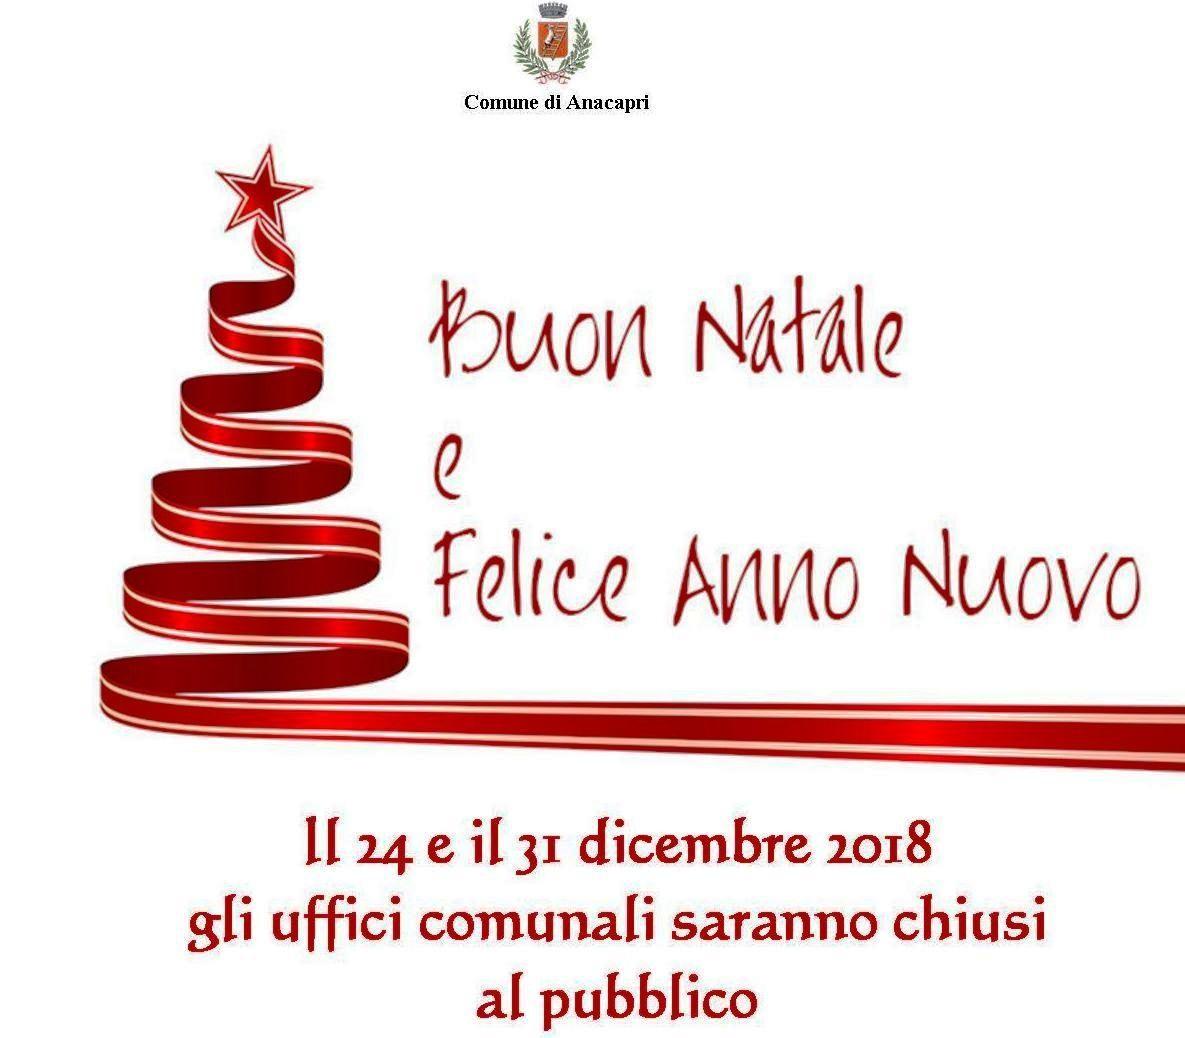 Chiusura uffici comunali per festività natalizie